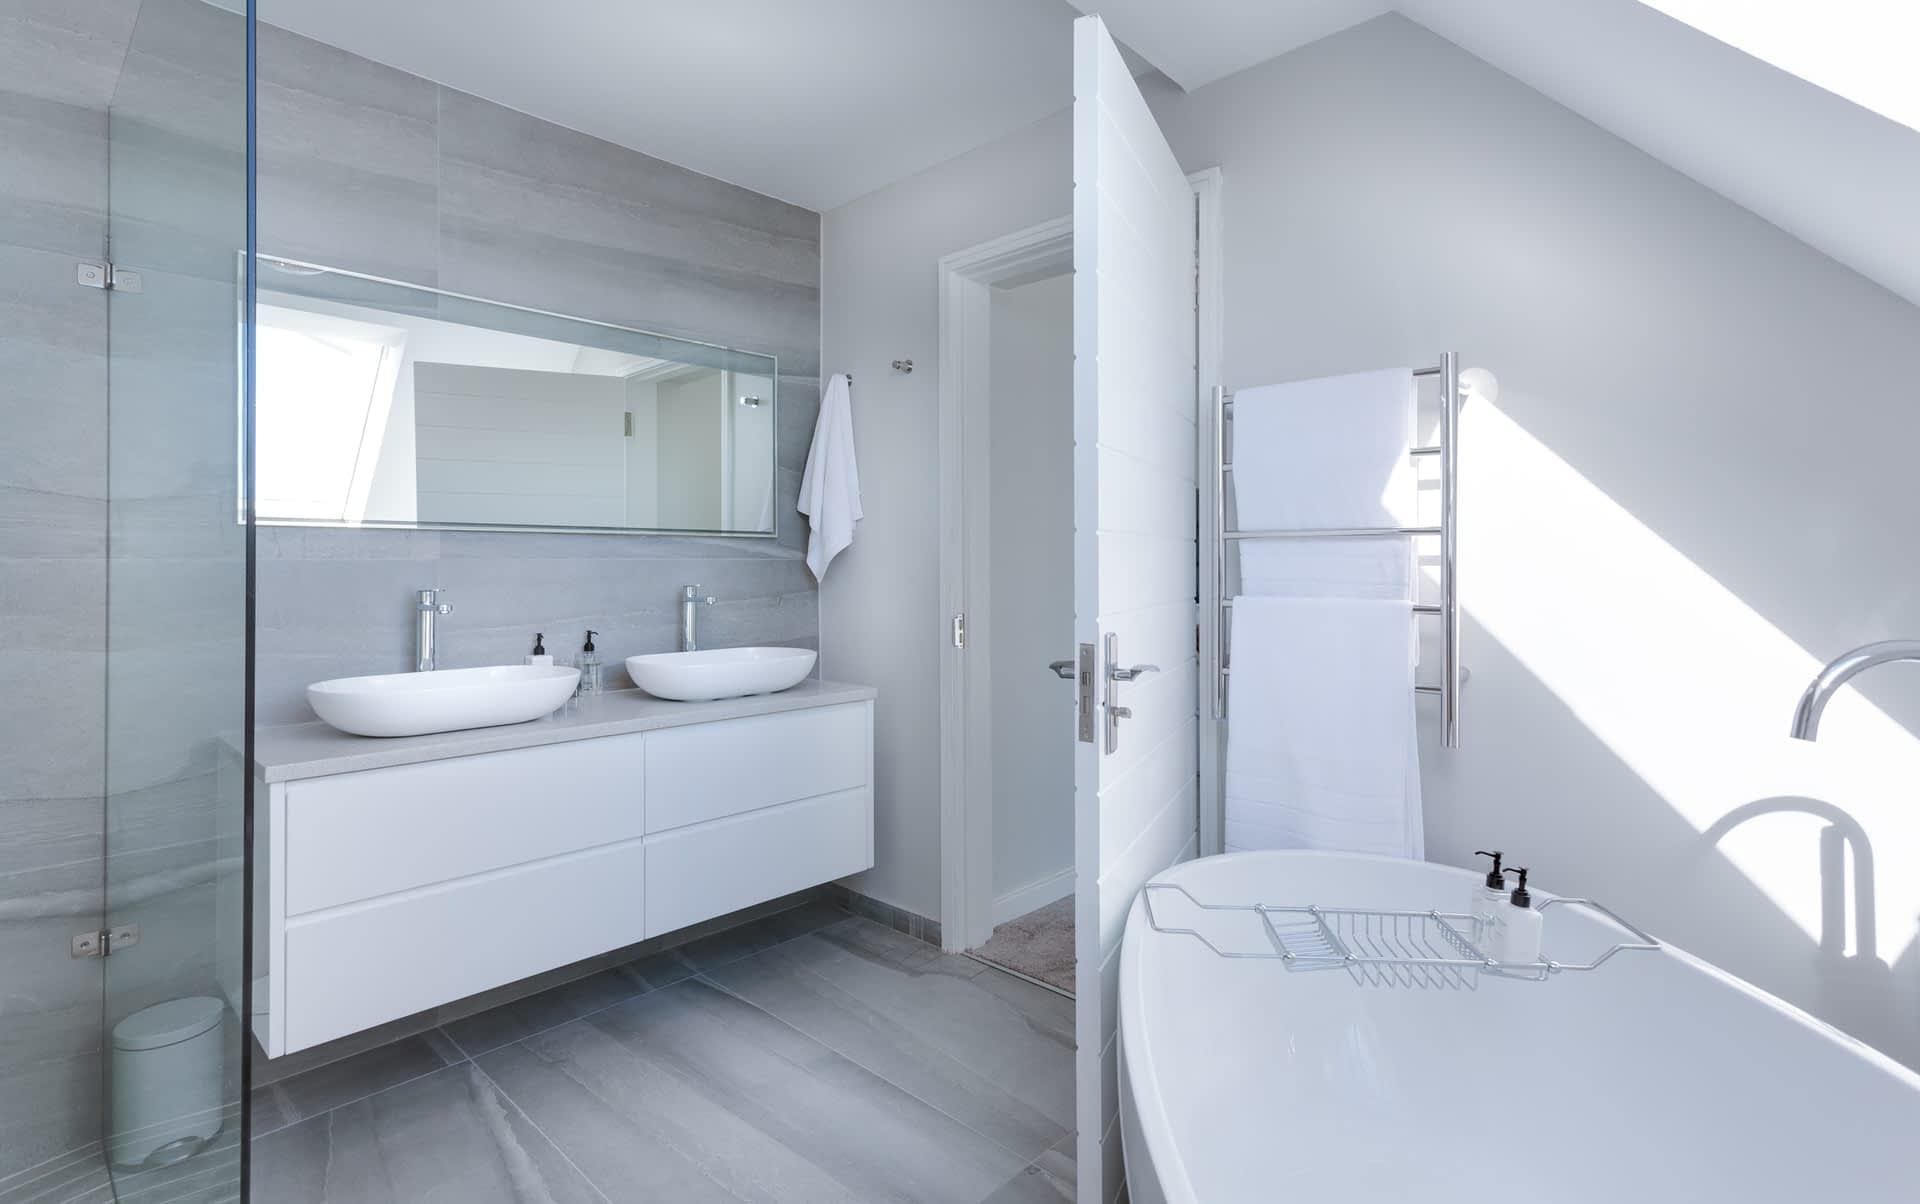 bathroom remodeling contractor Novi